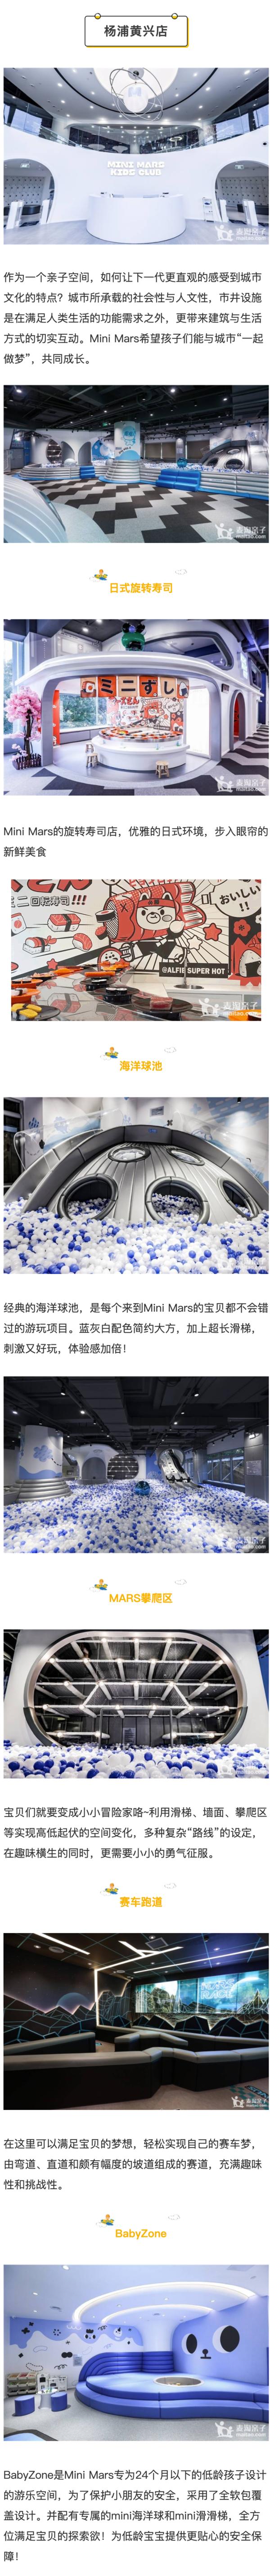 亲子界标杆!上海4店通用MiniMars Kids Club春日同行2次卡+50元餐券/2张